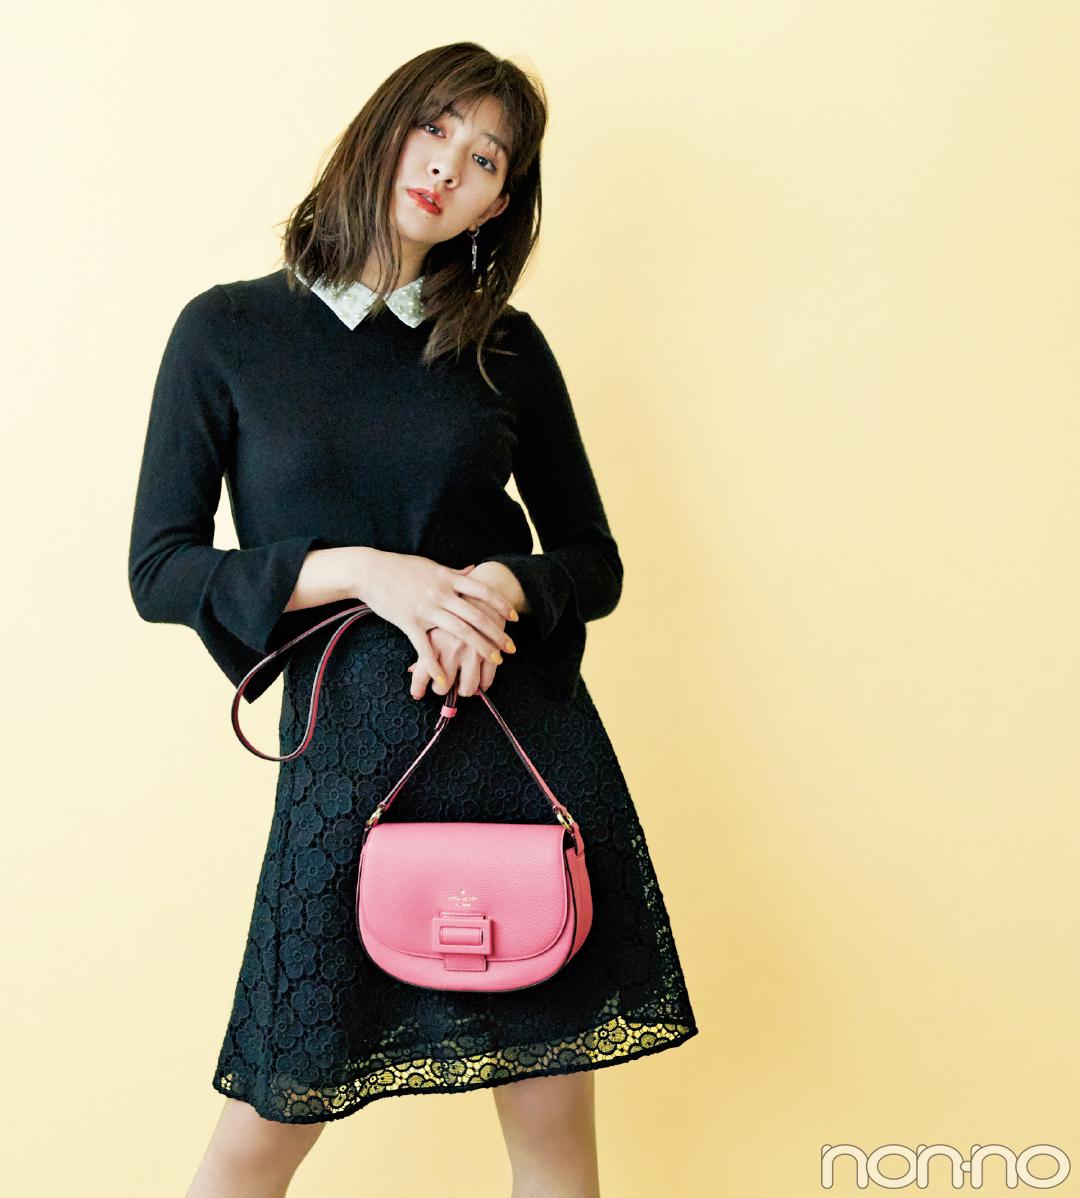 ケイトスペードの春新作バッグ、買うならコレ! 使えるA4トート&高見えショルダー_1_1